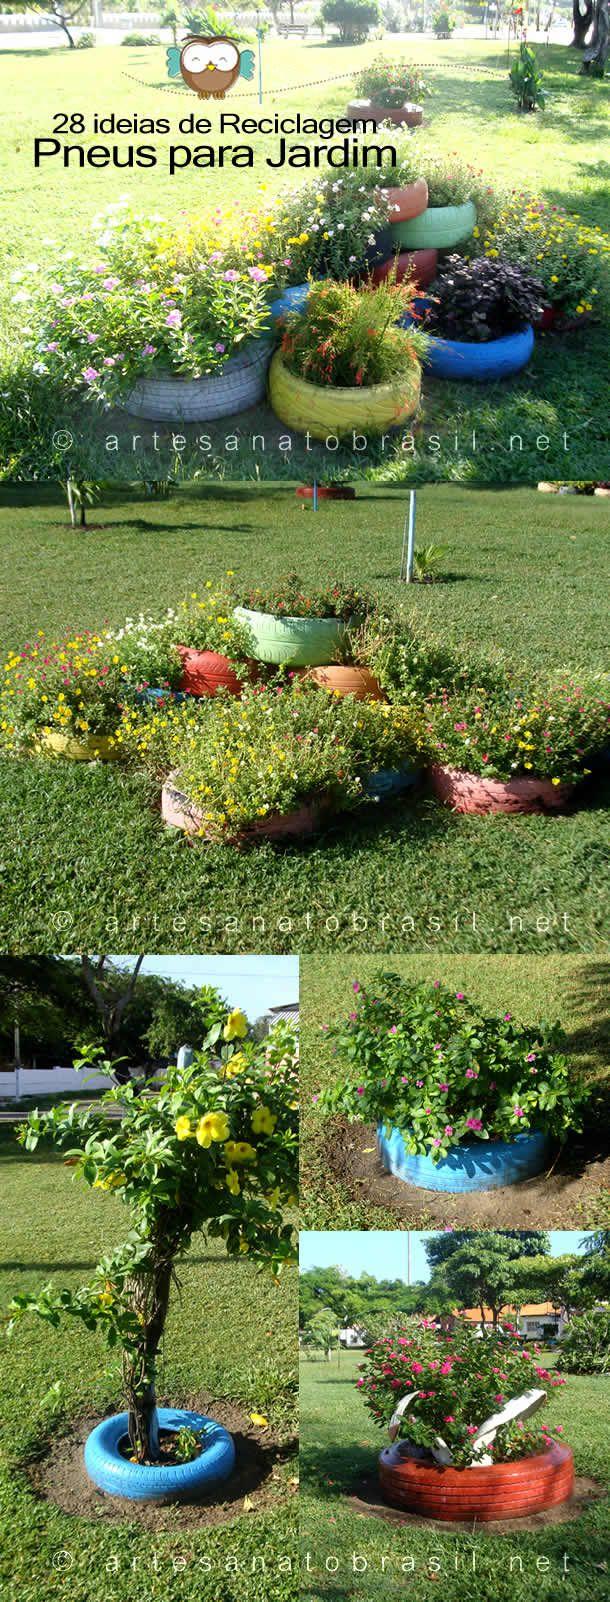 25 melhores ideias sobre jardim de pneus no pinterest for Adornos jardin reciclados